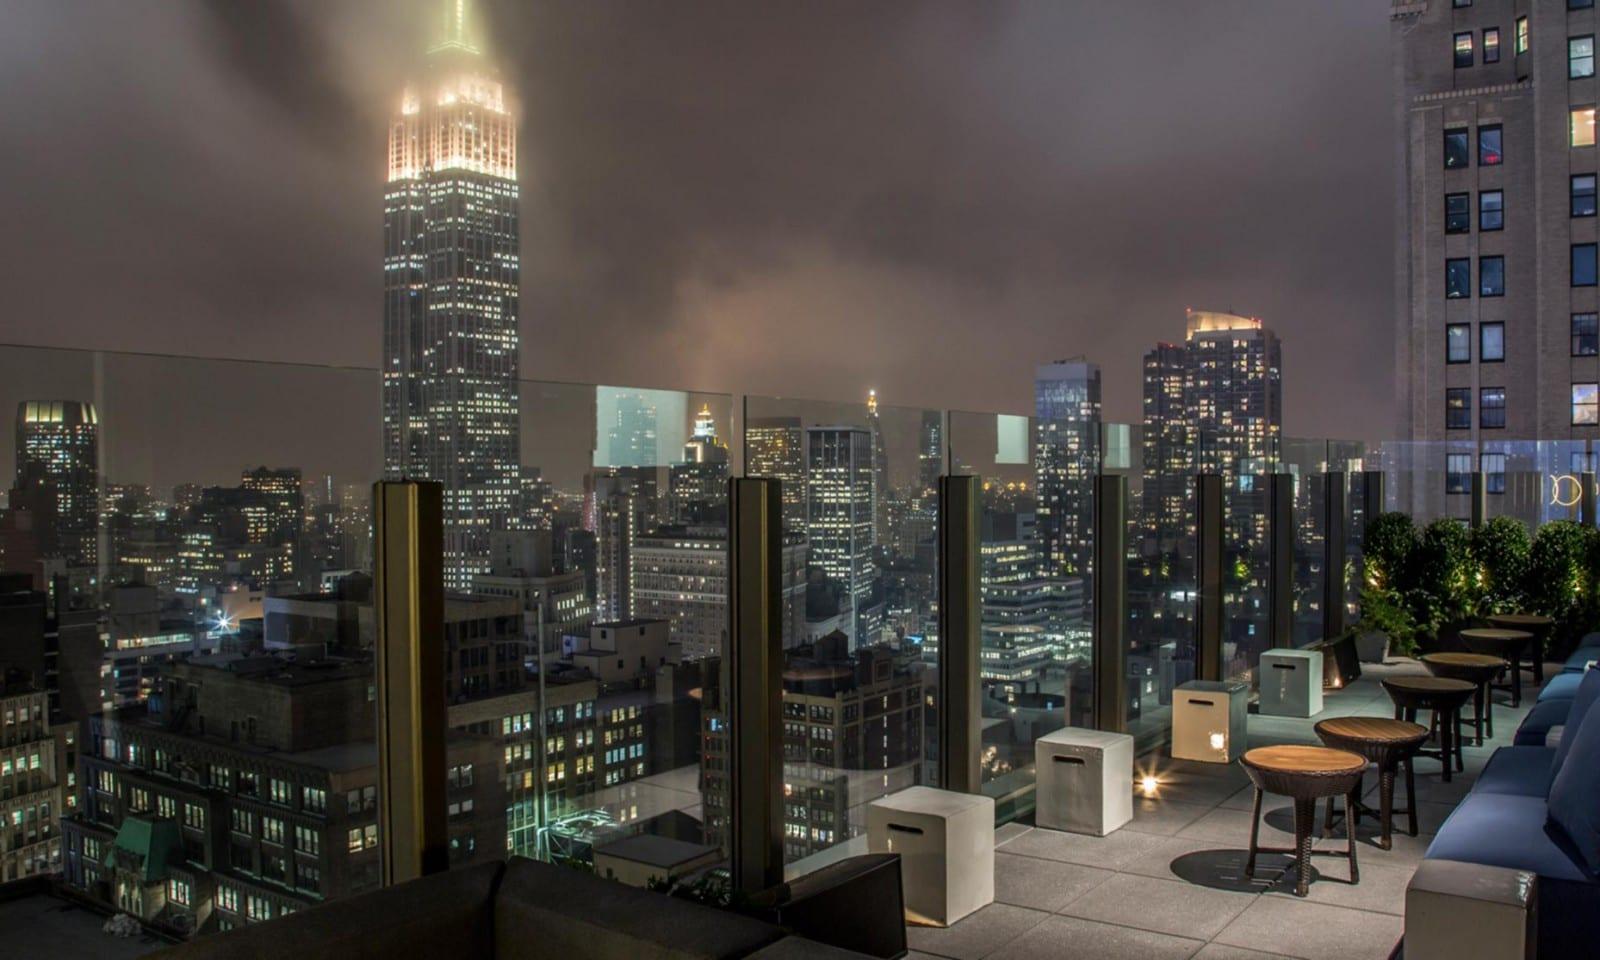 skylark rooftop bar at night